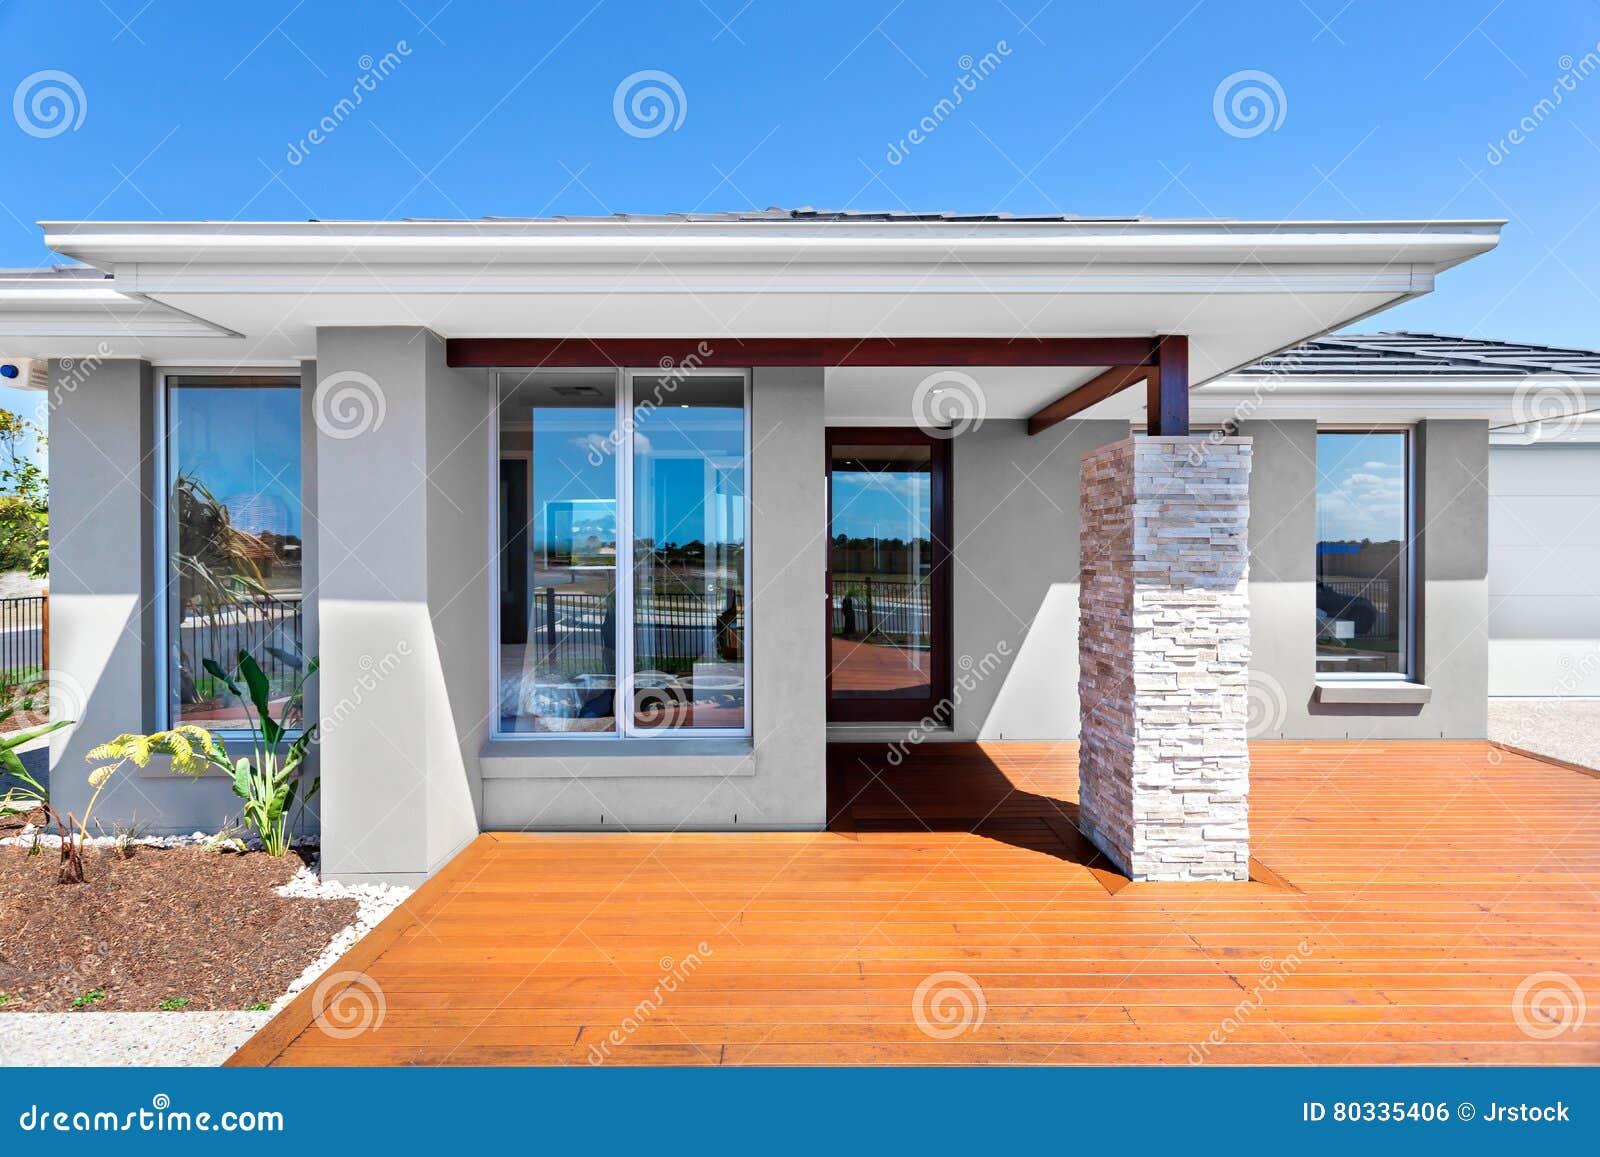 Esterno Di Una Casa : Esterno di una casa moderna con un pavimento di legno con cielo